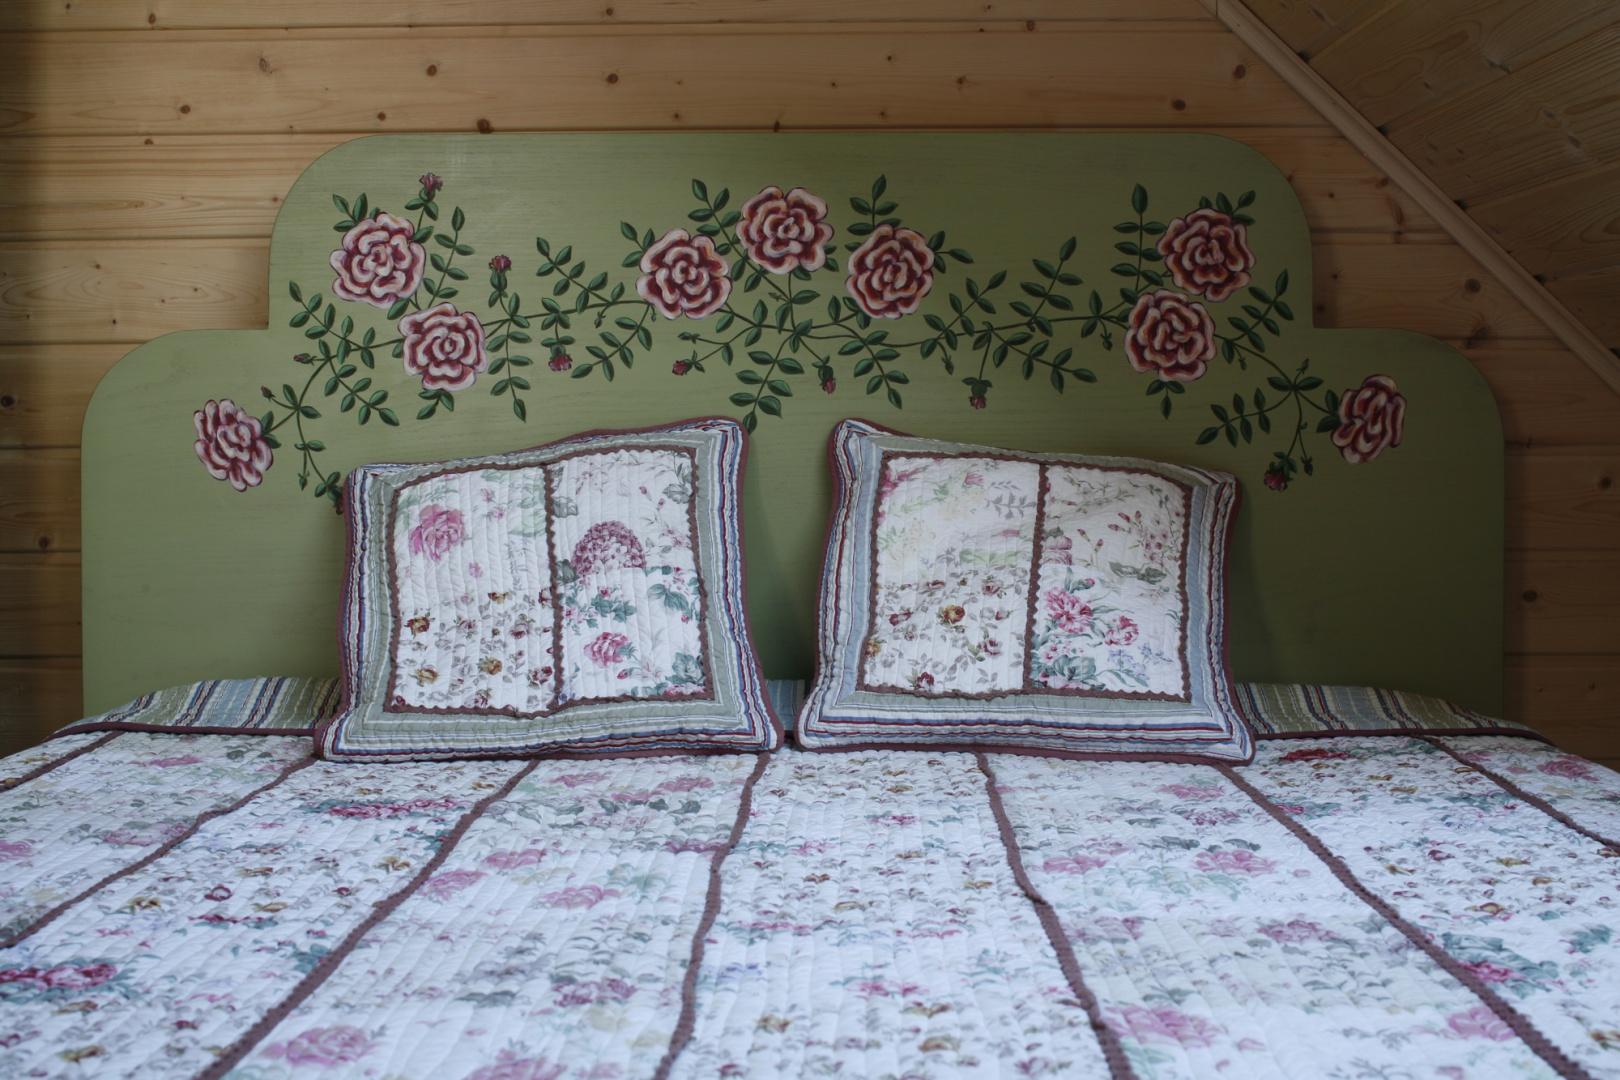 Oprócz wszechobecnego drewna i czerpanych z natury kolorów, ciepły klimat sypialni tworzą starannie dobrane naturalne tkaniny: narzuta patchworkowa, tkany ręcznie chodniczek. Fot. Bartosz Jarosz.